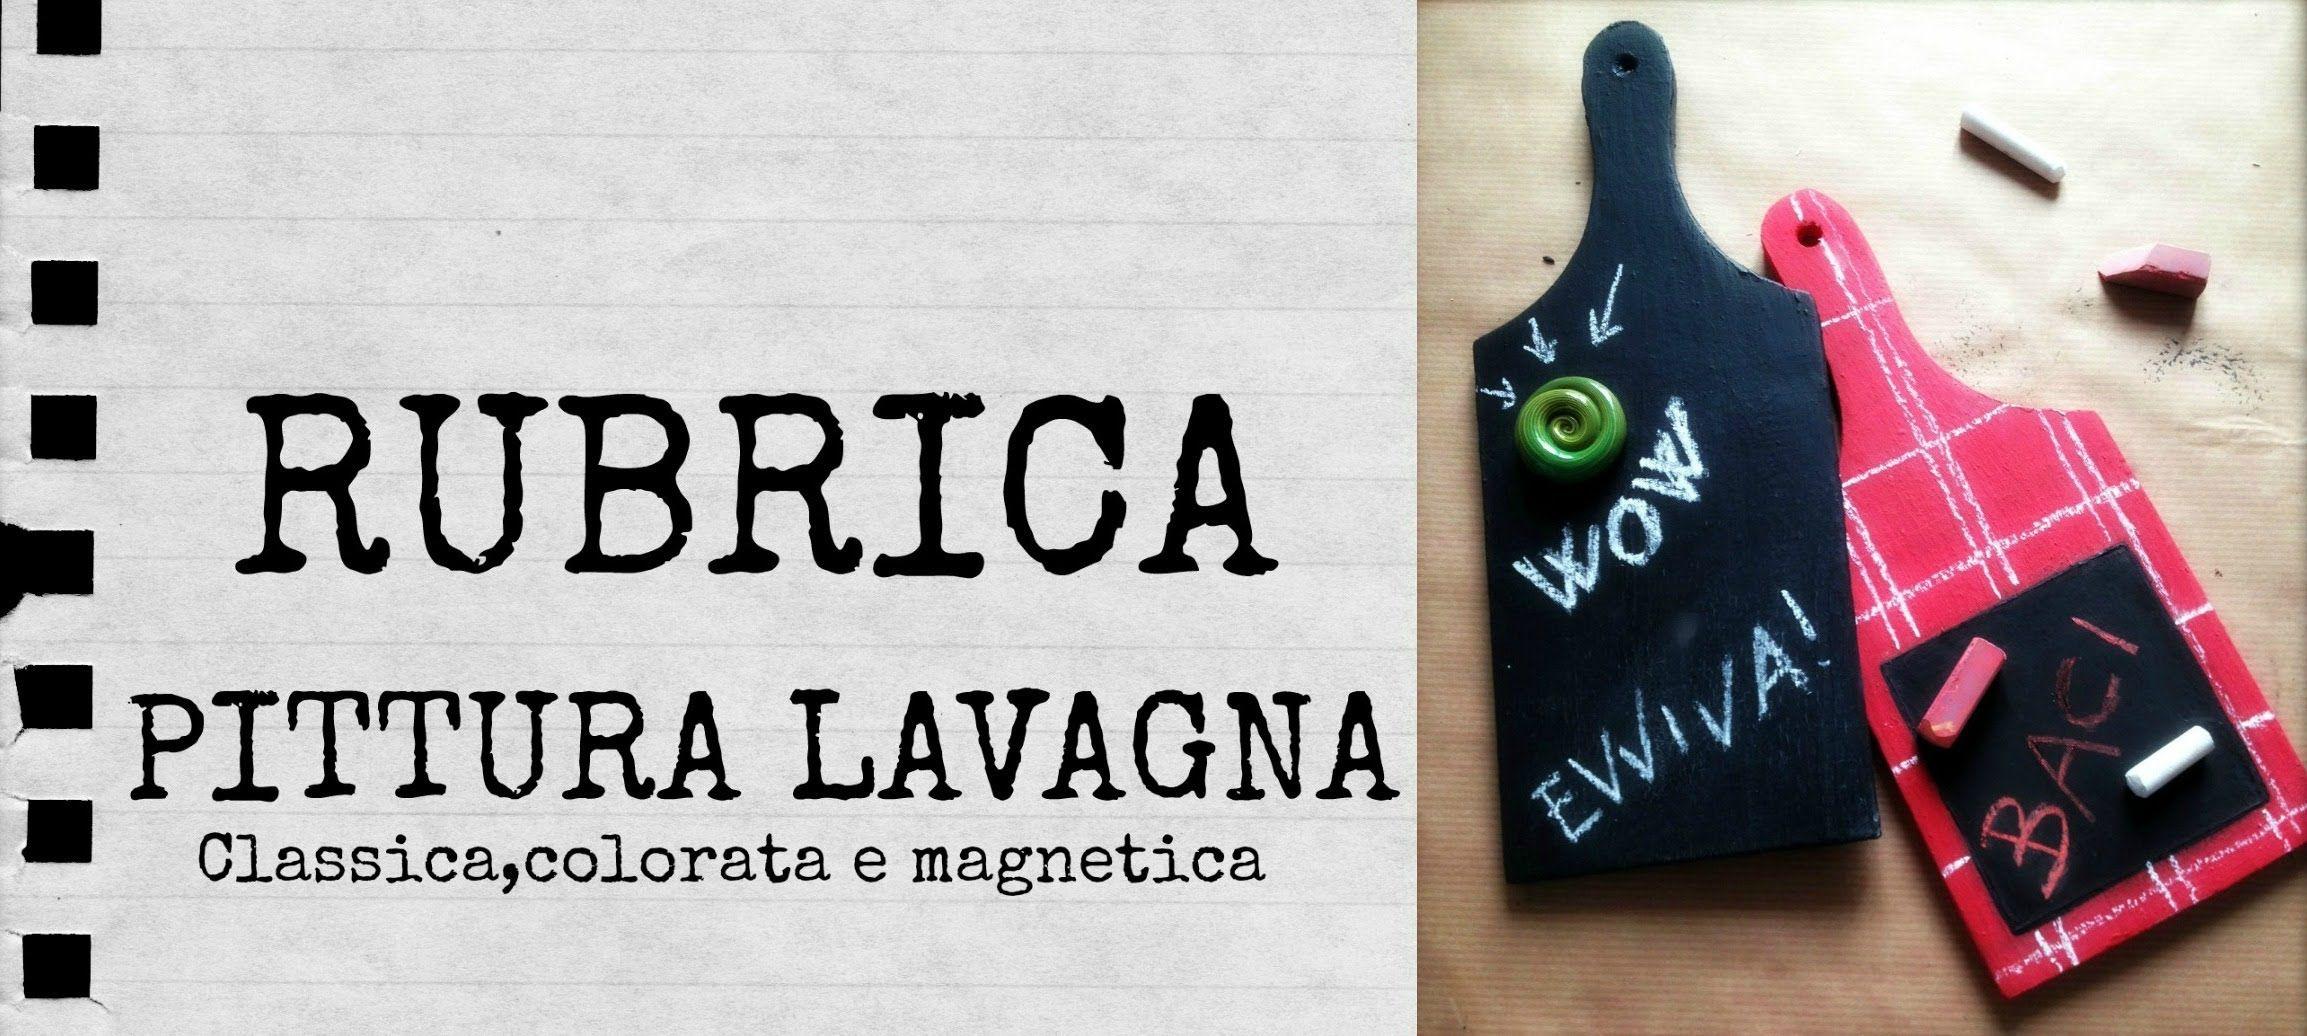 Vernice Lavagna Magnetica Colorata come fare la pittura lavagna classica,colorata e magnetica